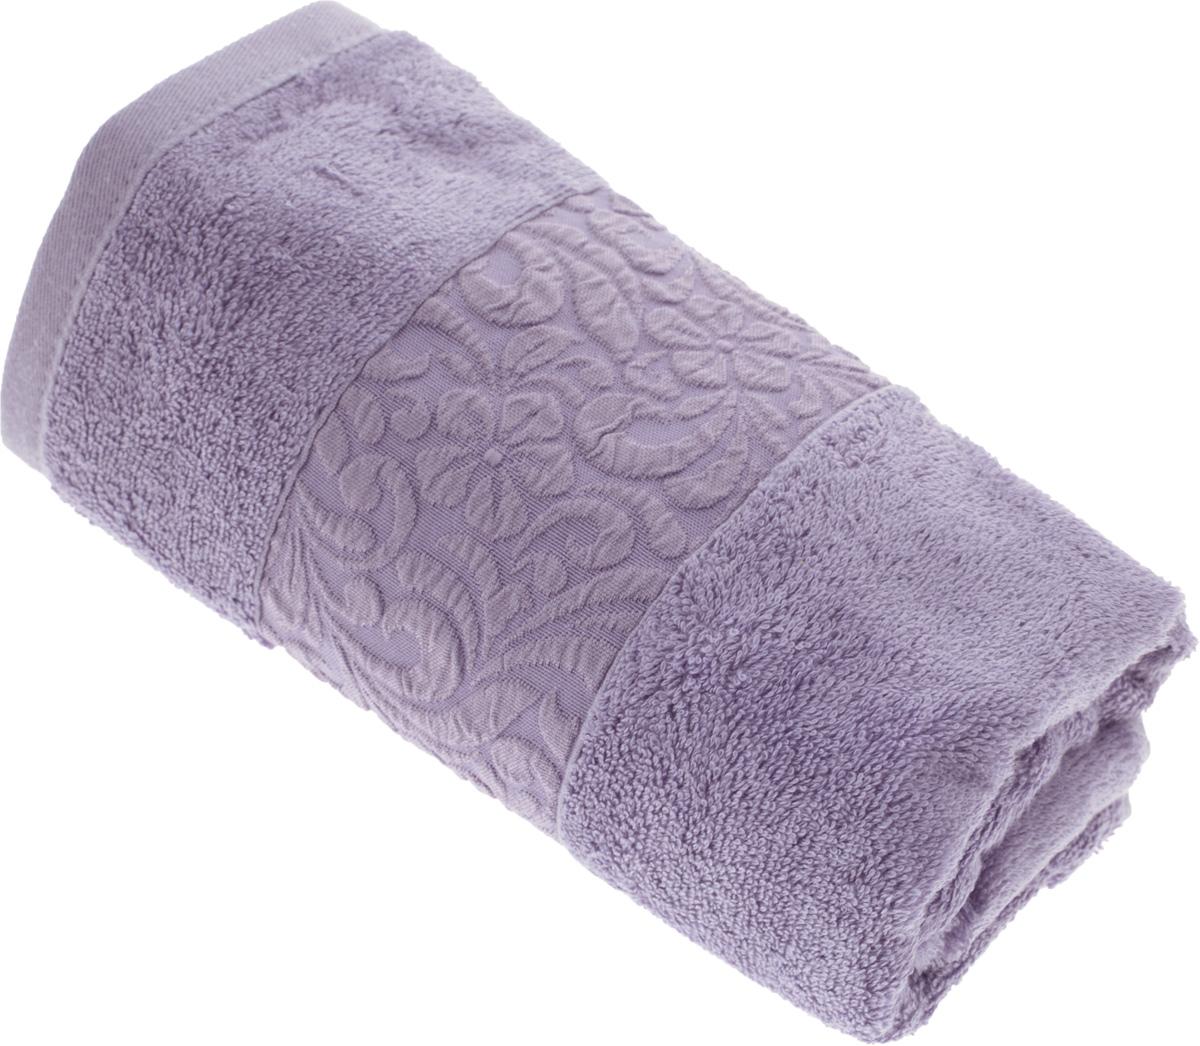 Полотенце бамбуковое Issimo Home Valencia, цвет: фиолетовый, 50 x 90 см4788Полотенце Issimo Home Valencia выполнено из 60% бамбукового волокна и 40% хлопка. Таким полотенцем не нужно вытираться - только коснитесь кожи - и ткань сама все впитает. Такая ткань впитывает в 3 раза лучше, чем хлопок. Несмотря на высокую плотность, полотенце быстро сохнет, остается легкими даже при намокании. Изделие имеет красивый жаккардовый бордюр, оформленный цветочным орнаментом. Благородные, классические тона создадут уют и подчеркнут лучшие качества махровой ткани, а сочные, яркие, летние оттенки создадут ощущение праздника и наполнят дом энергией. Красивая, стильная упаковка этого полотенца делает его уже готовым подарком к любому случаю.